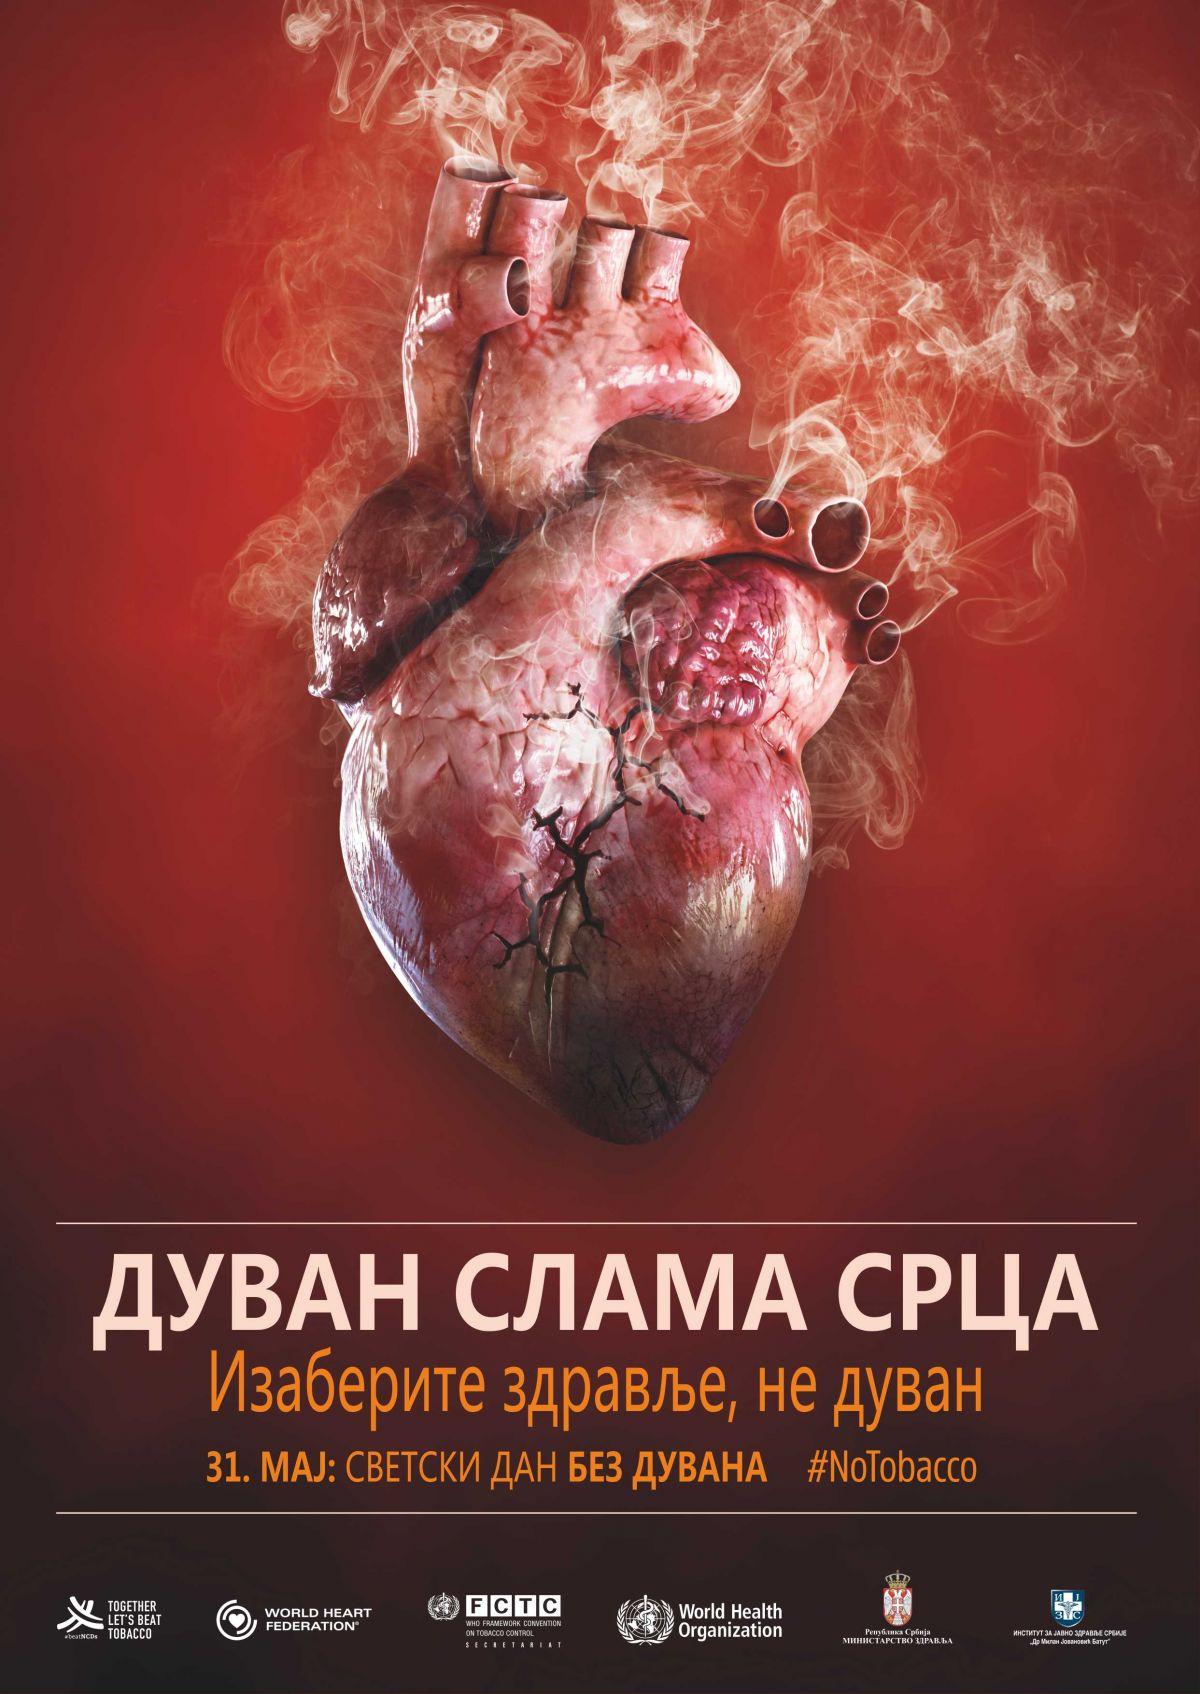 Дуван слама срца